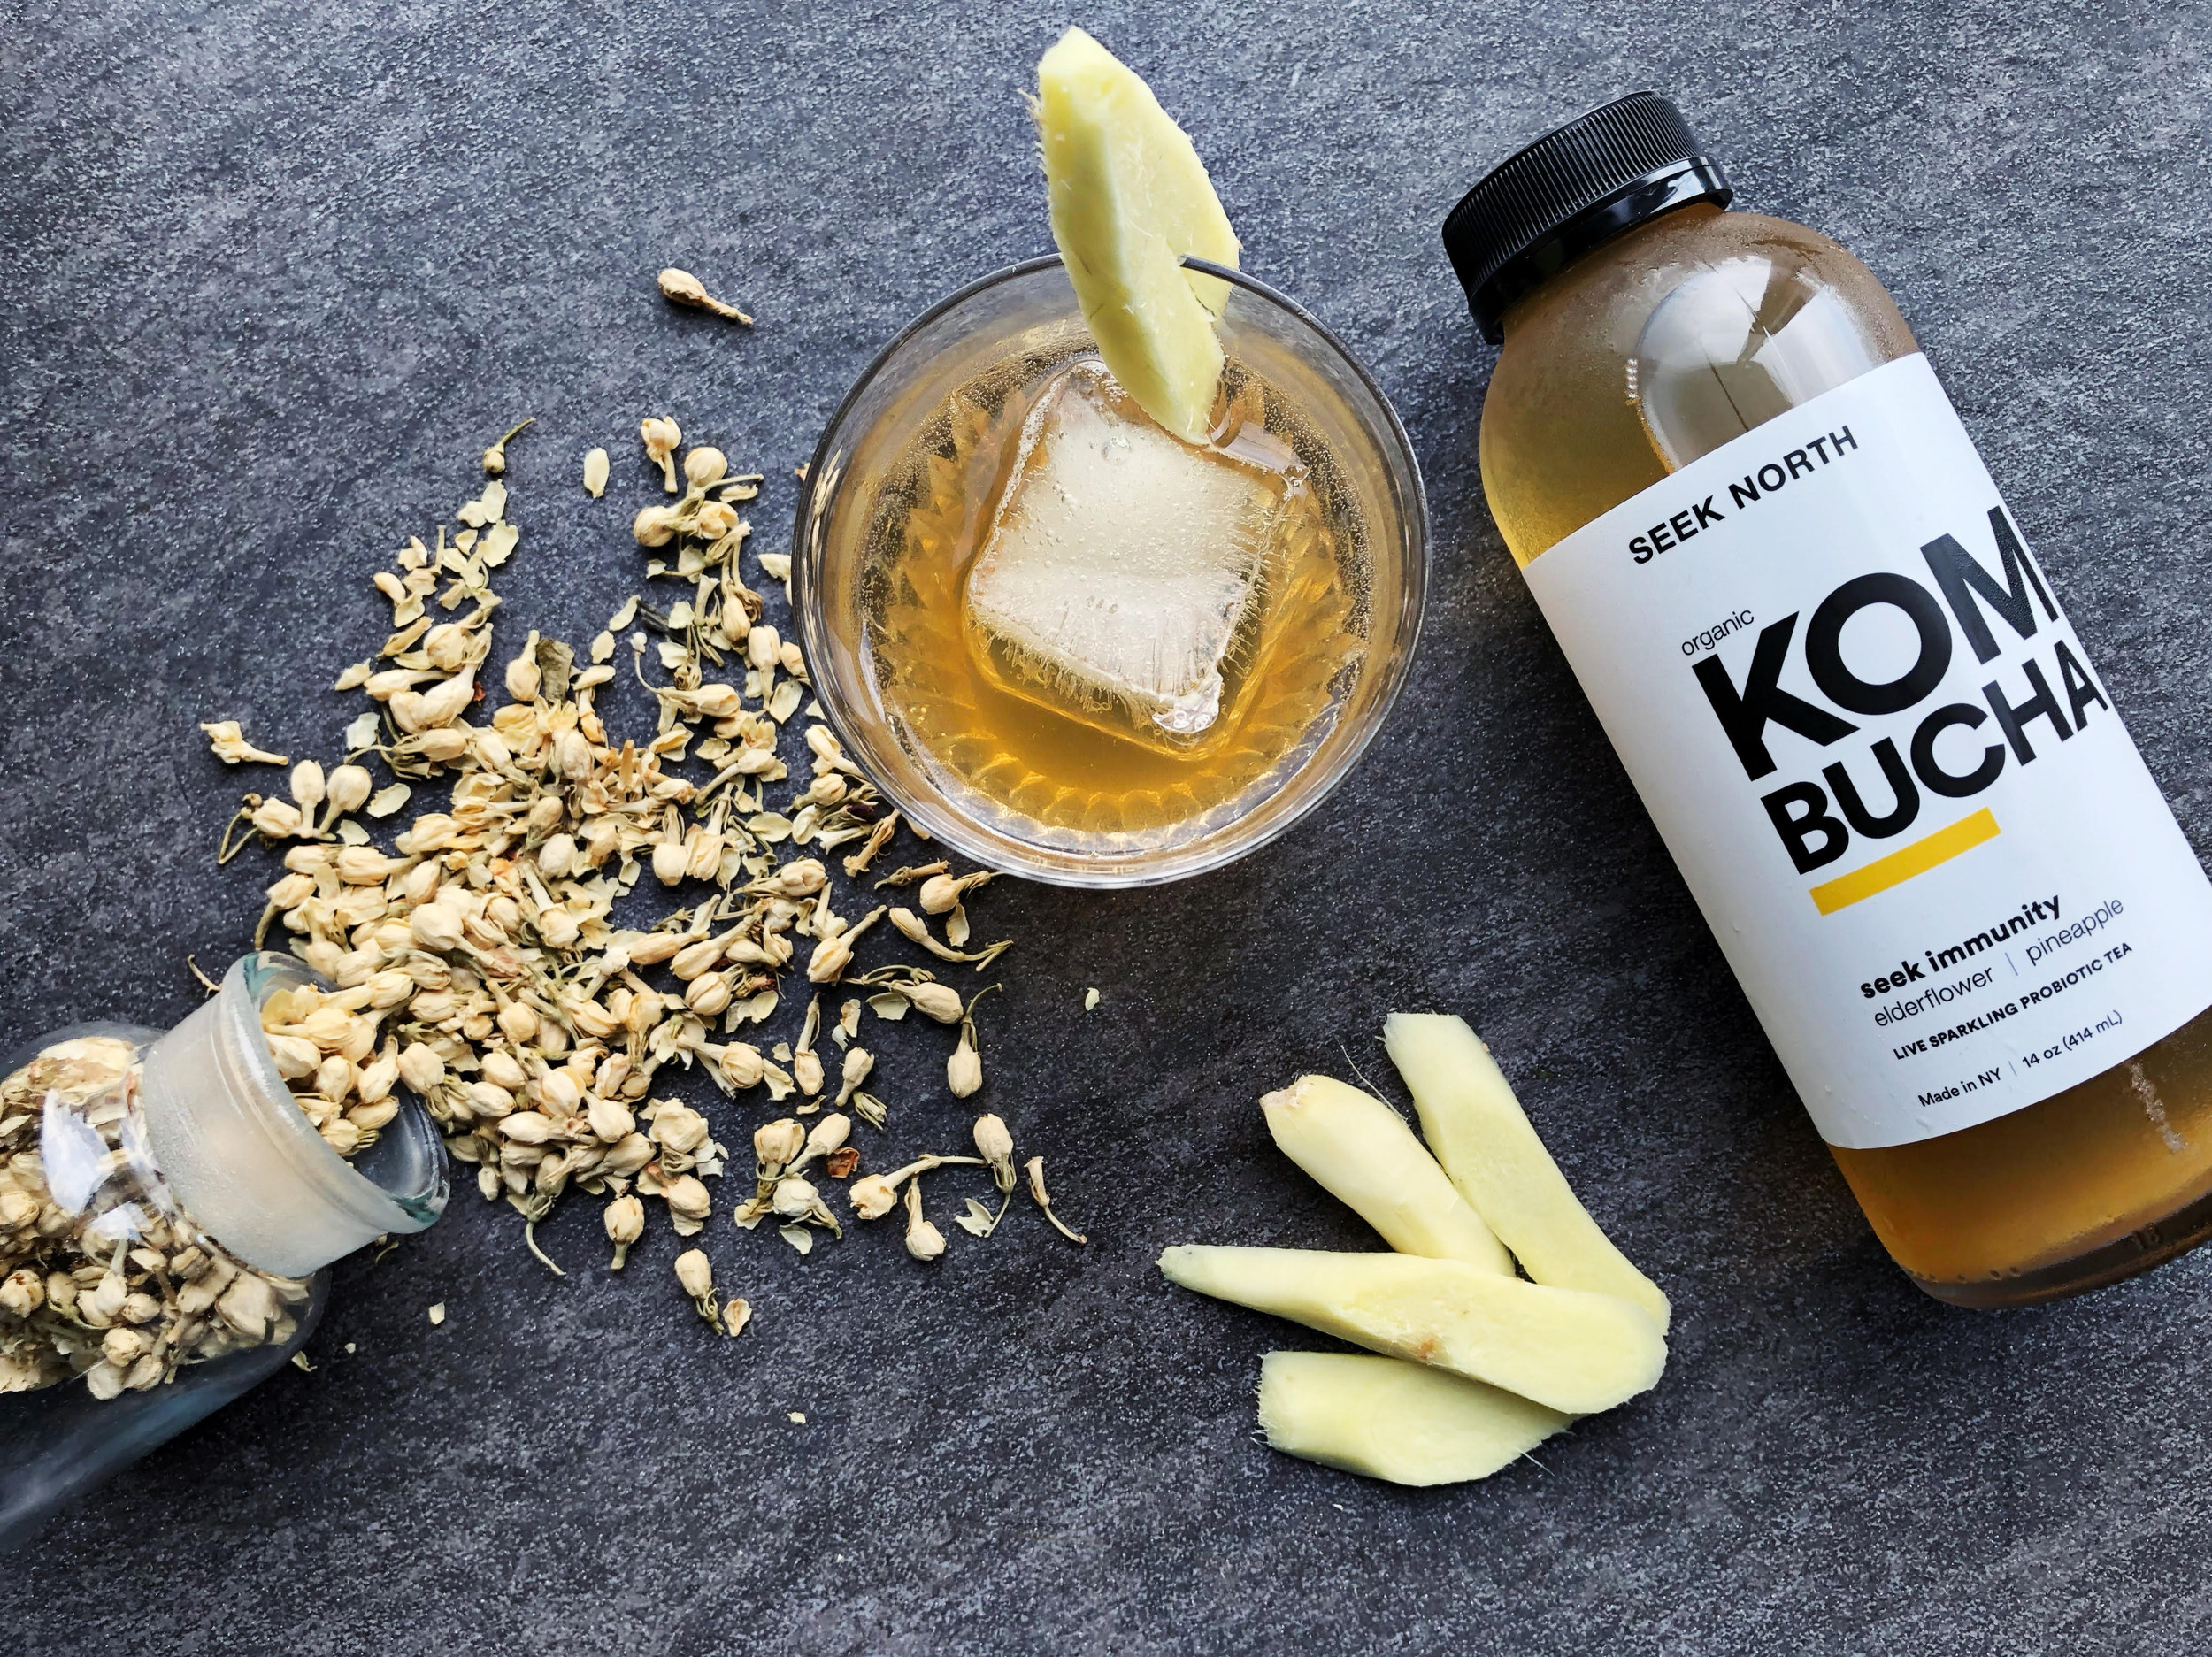 seeknorthkombucha-bourbon-sour.jpg